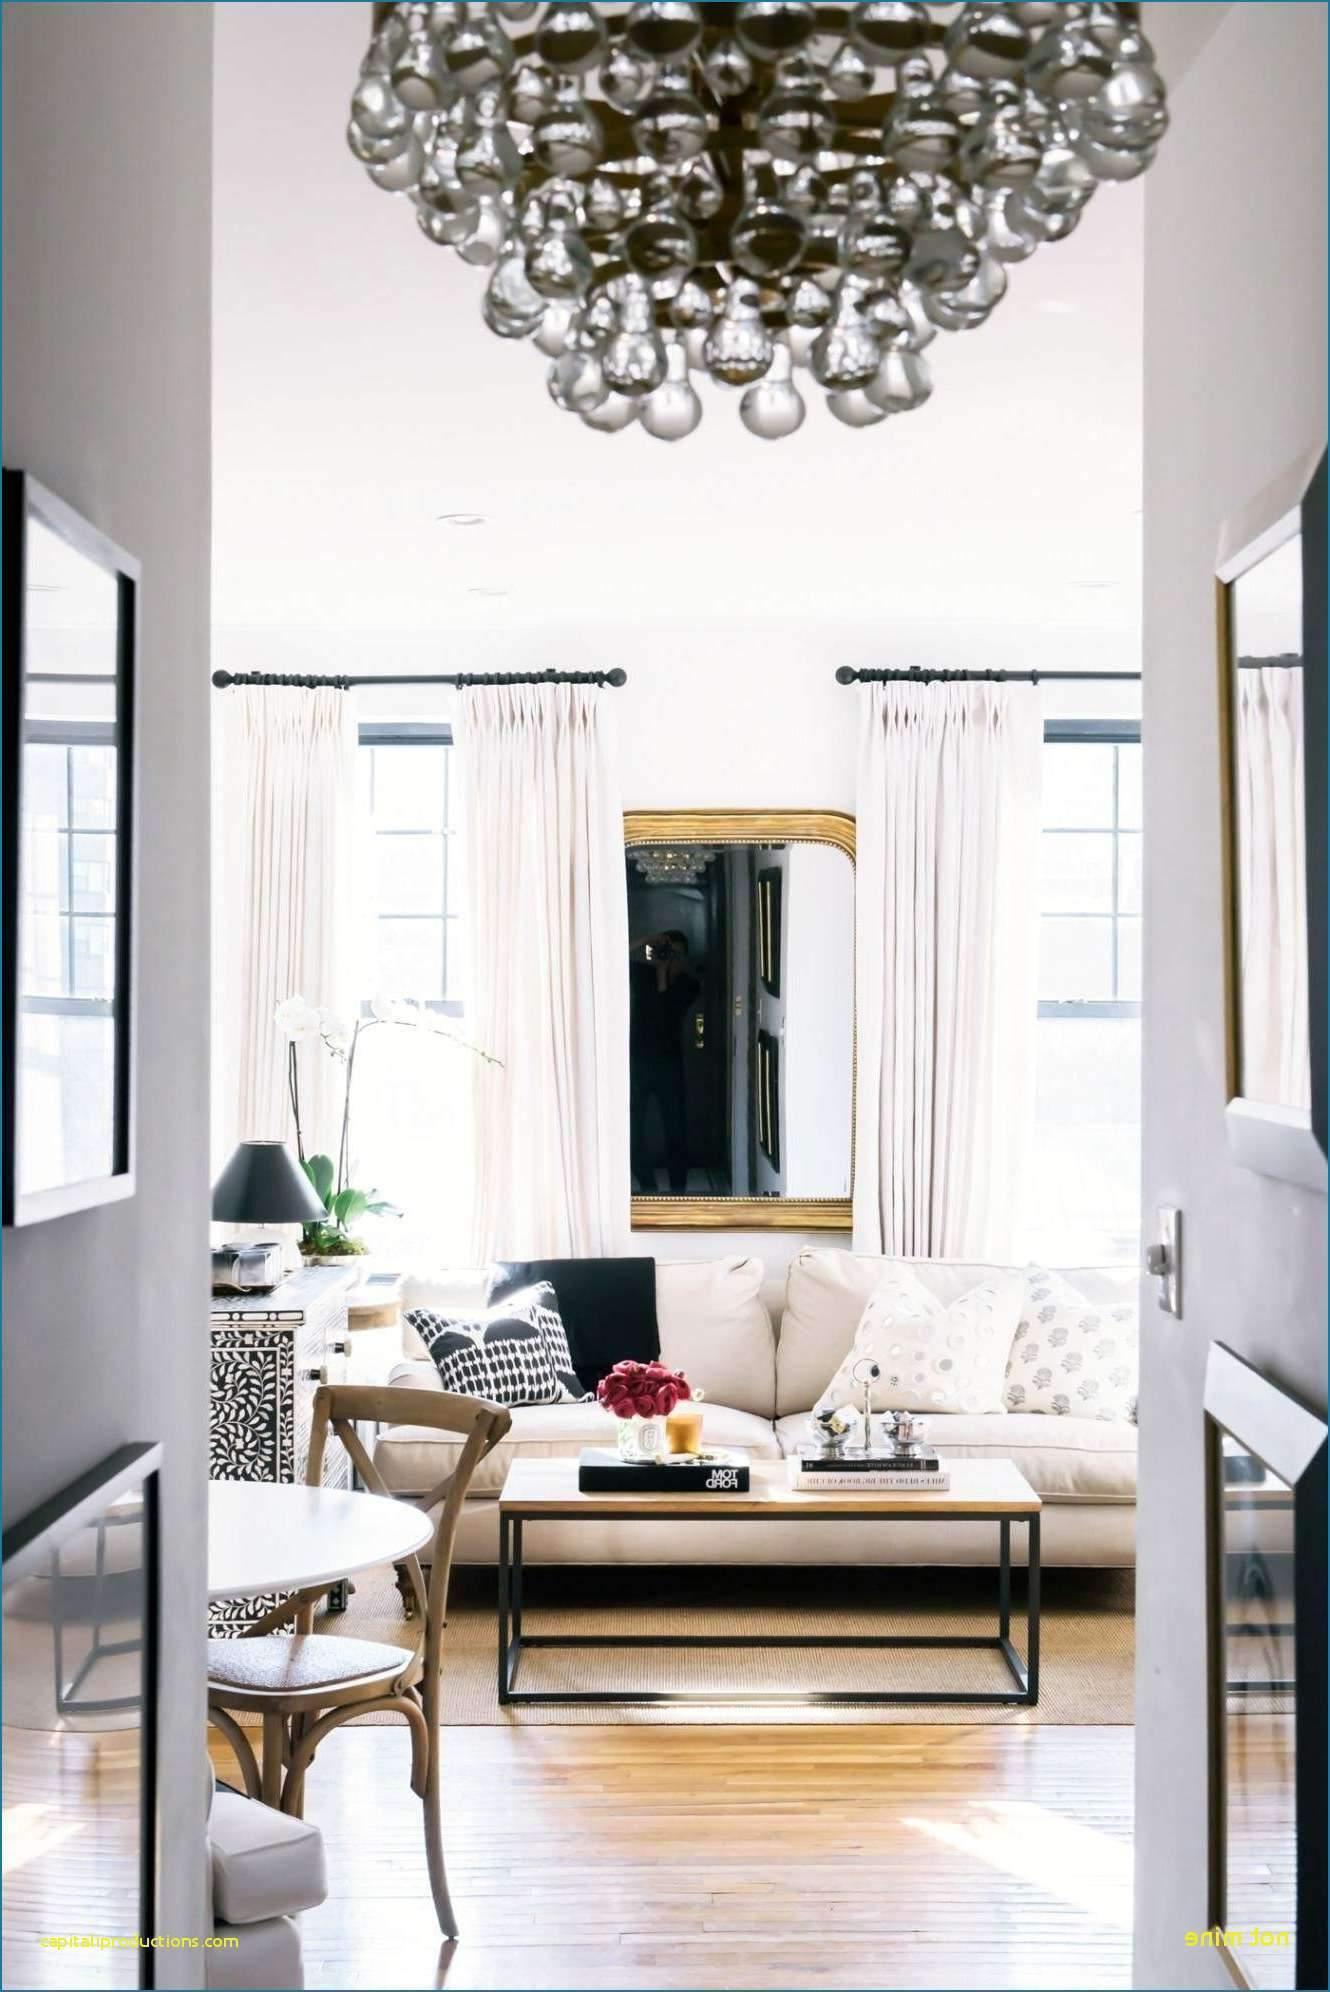 mediterranes wohnzimmer elegant elegant mediterranes wohnzimmer of mediterranes wohnzimmer